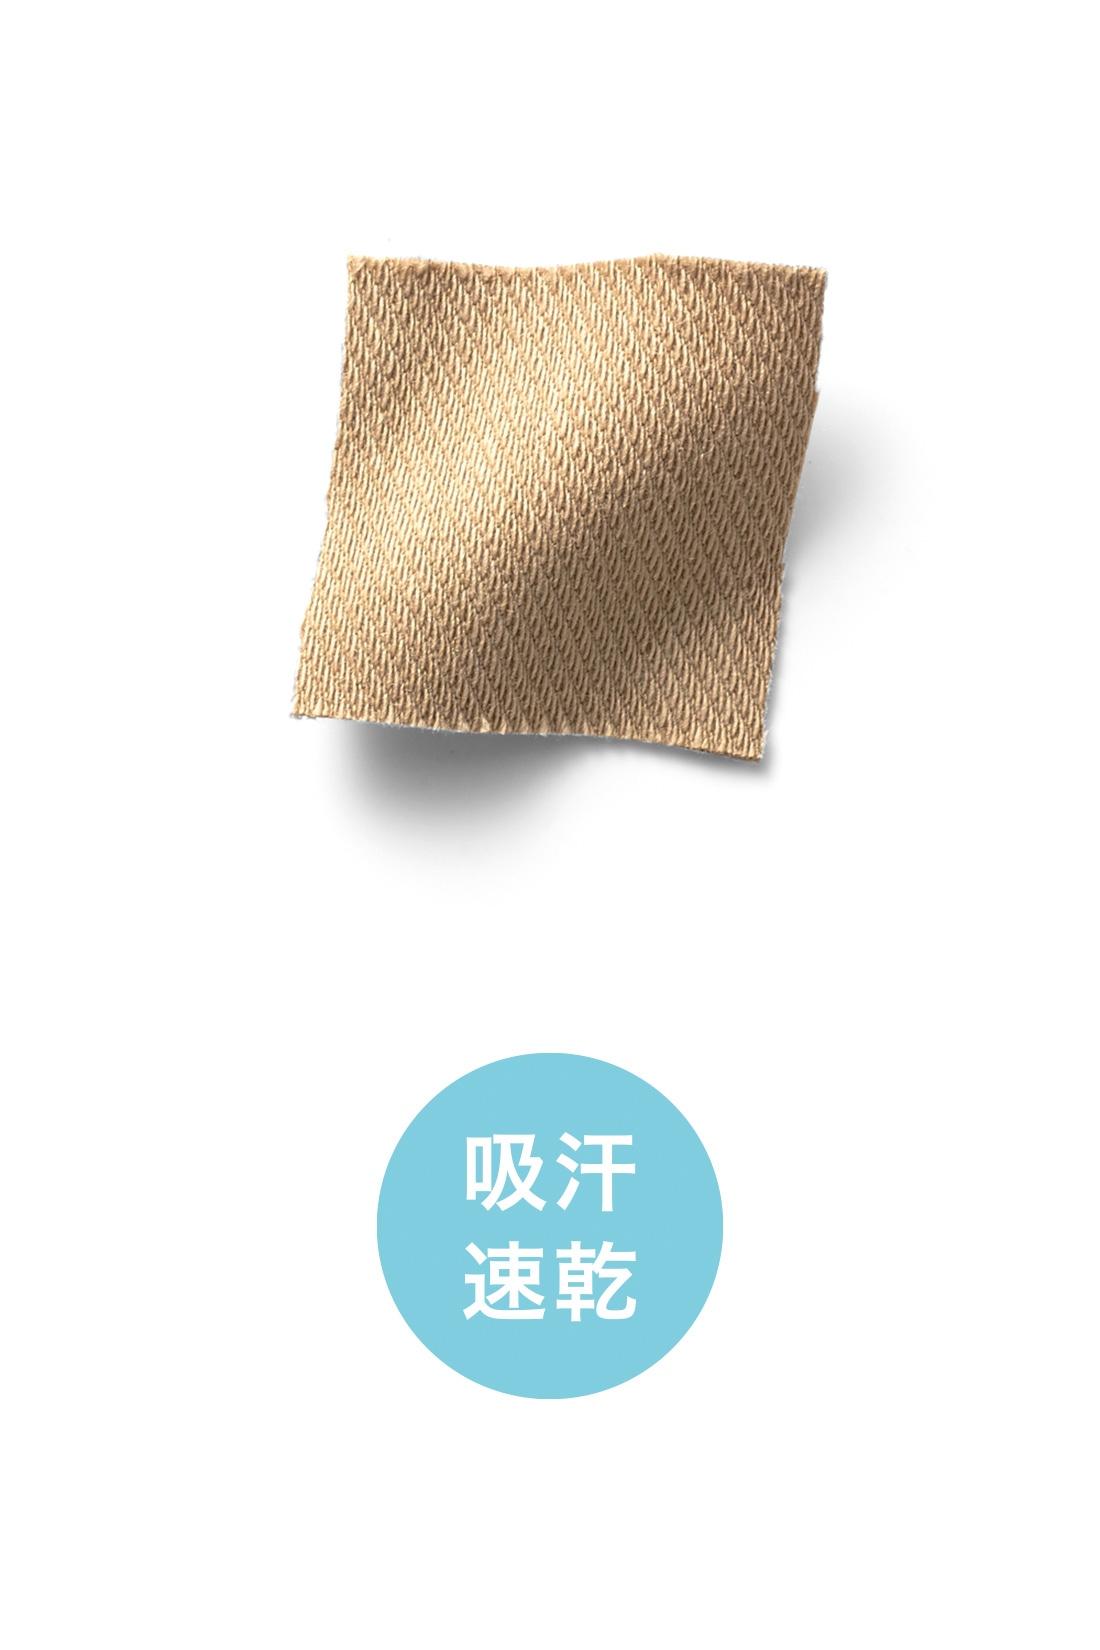 吸湿放湿性と吸汗速乾性のある伸びやかなカットソー素材だから汗ばむ季節でもさわやかなはき心地。